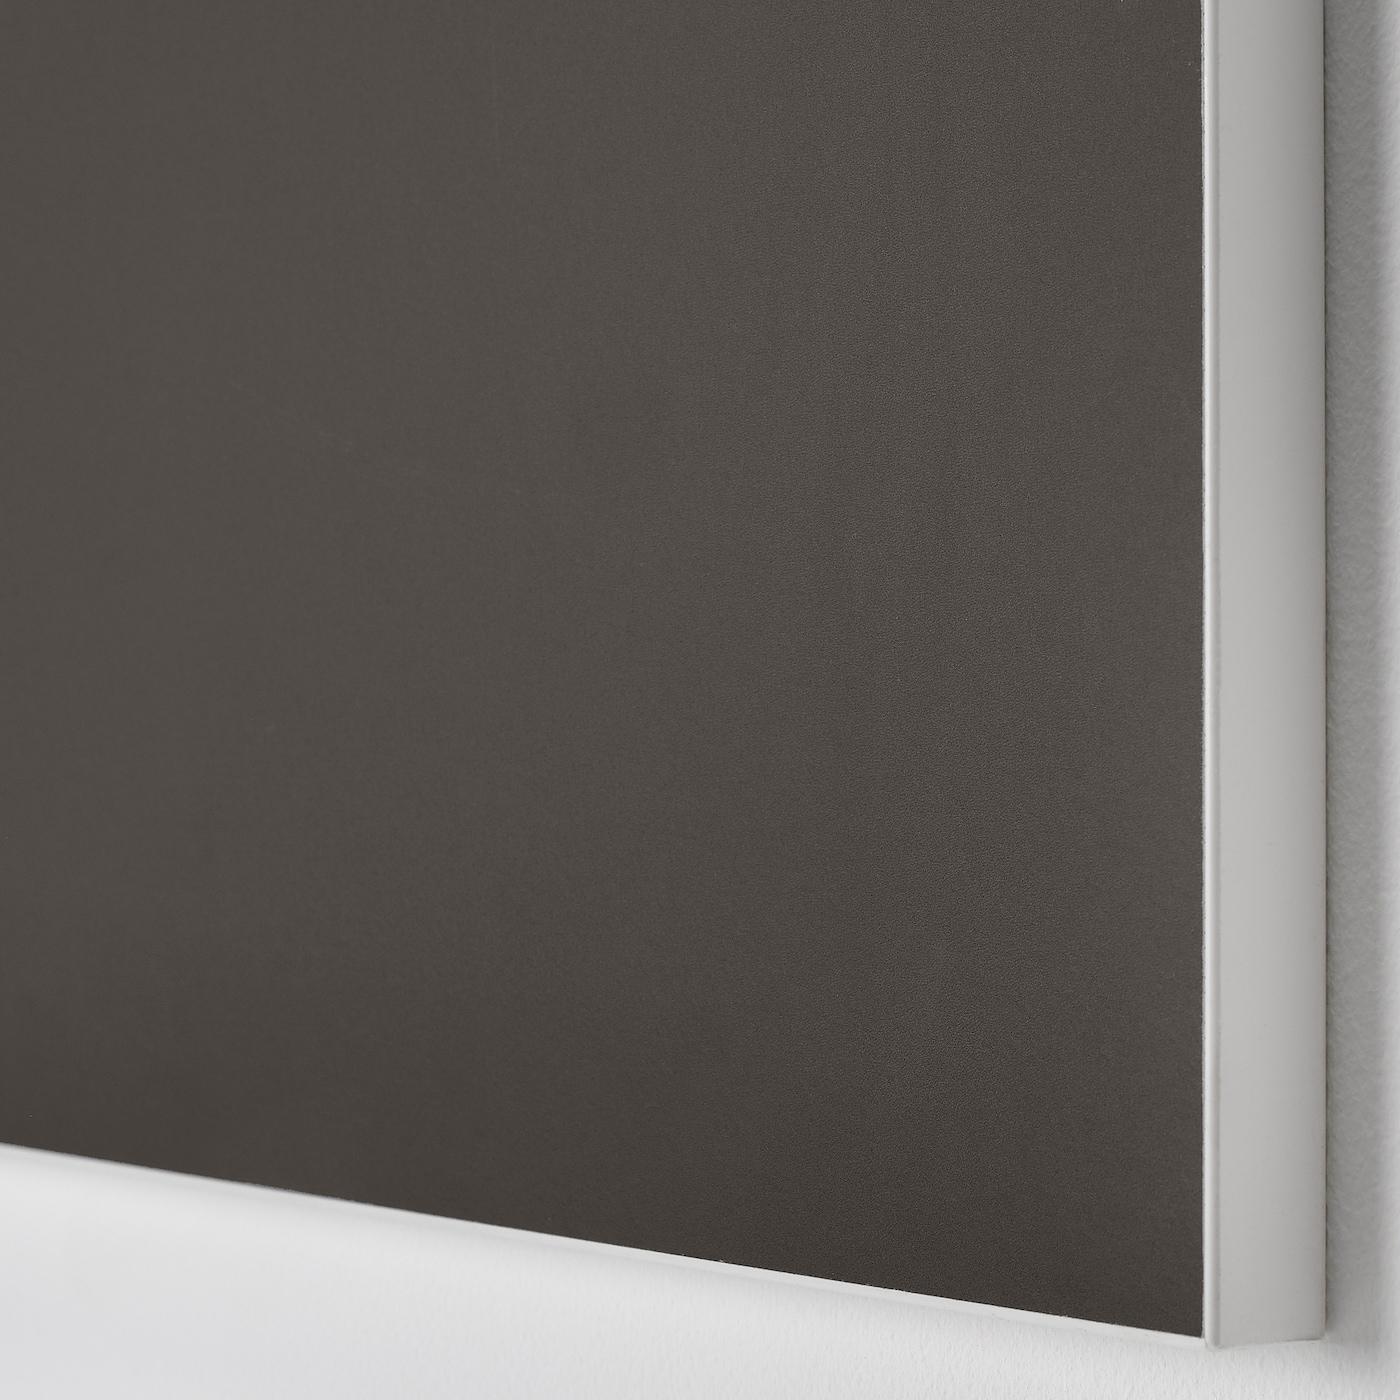 SKATVAL Door, dark grey, 40x120 cm